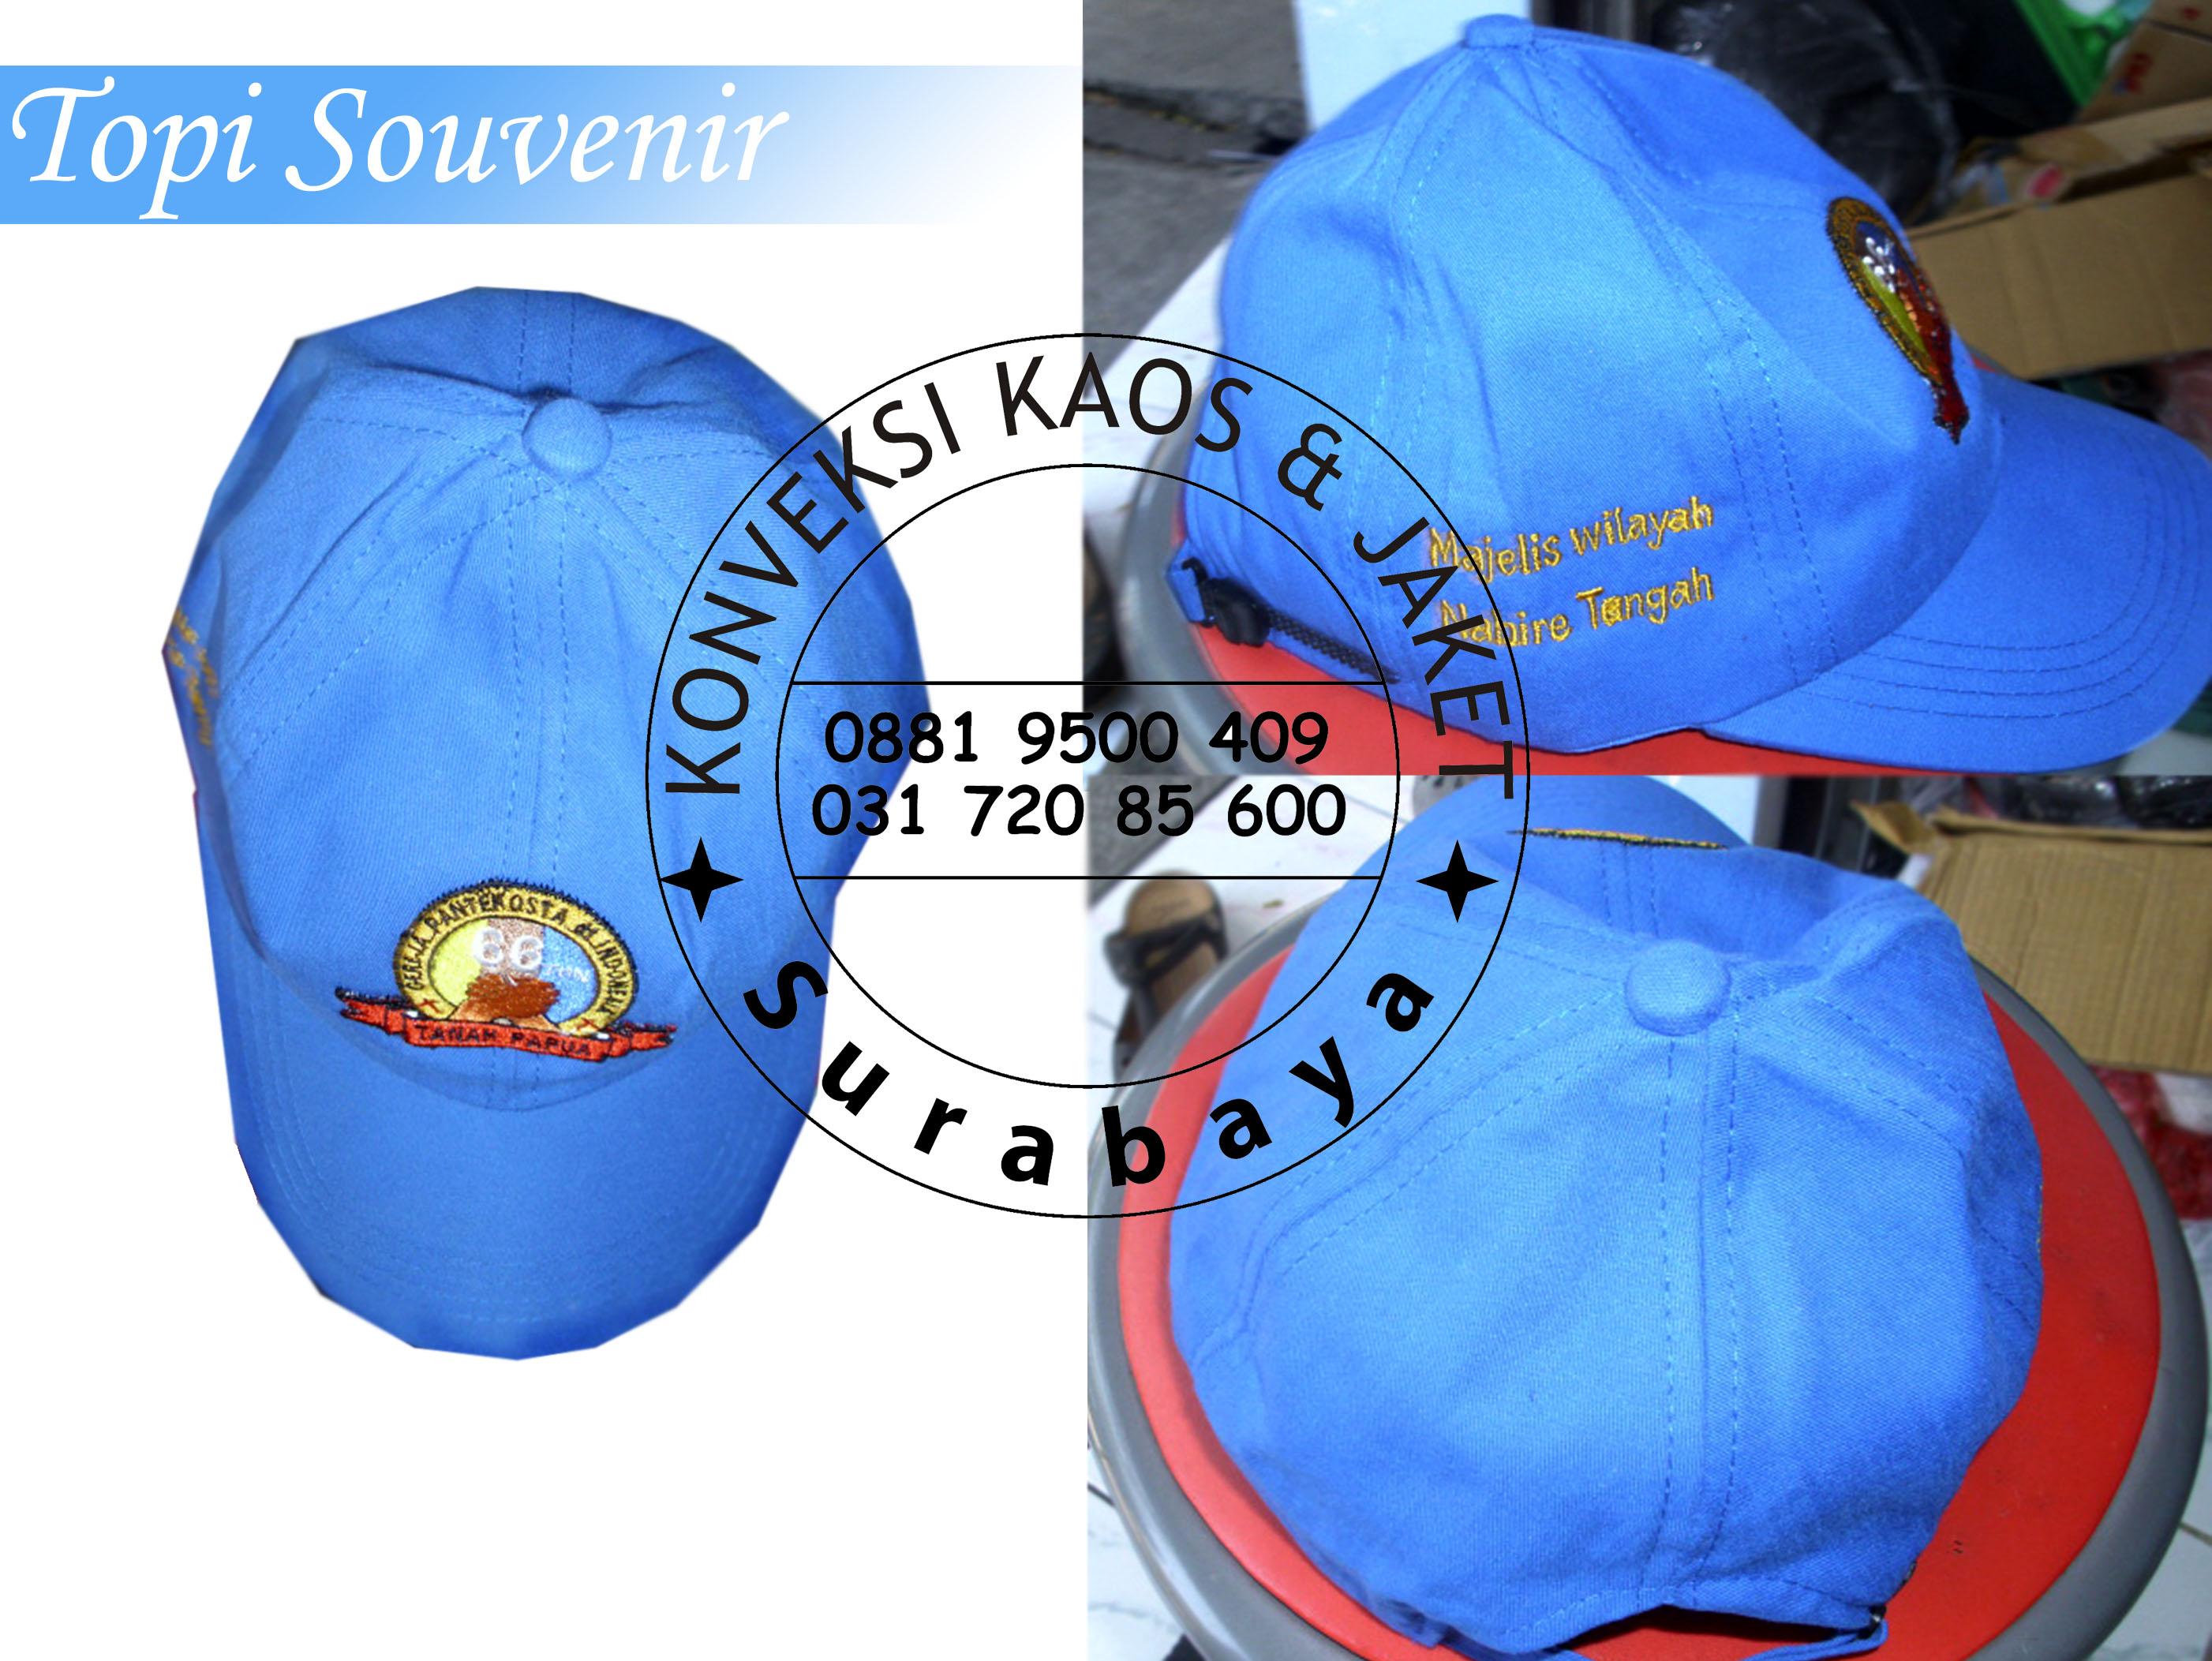 Topi Souvenir